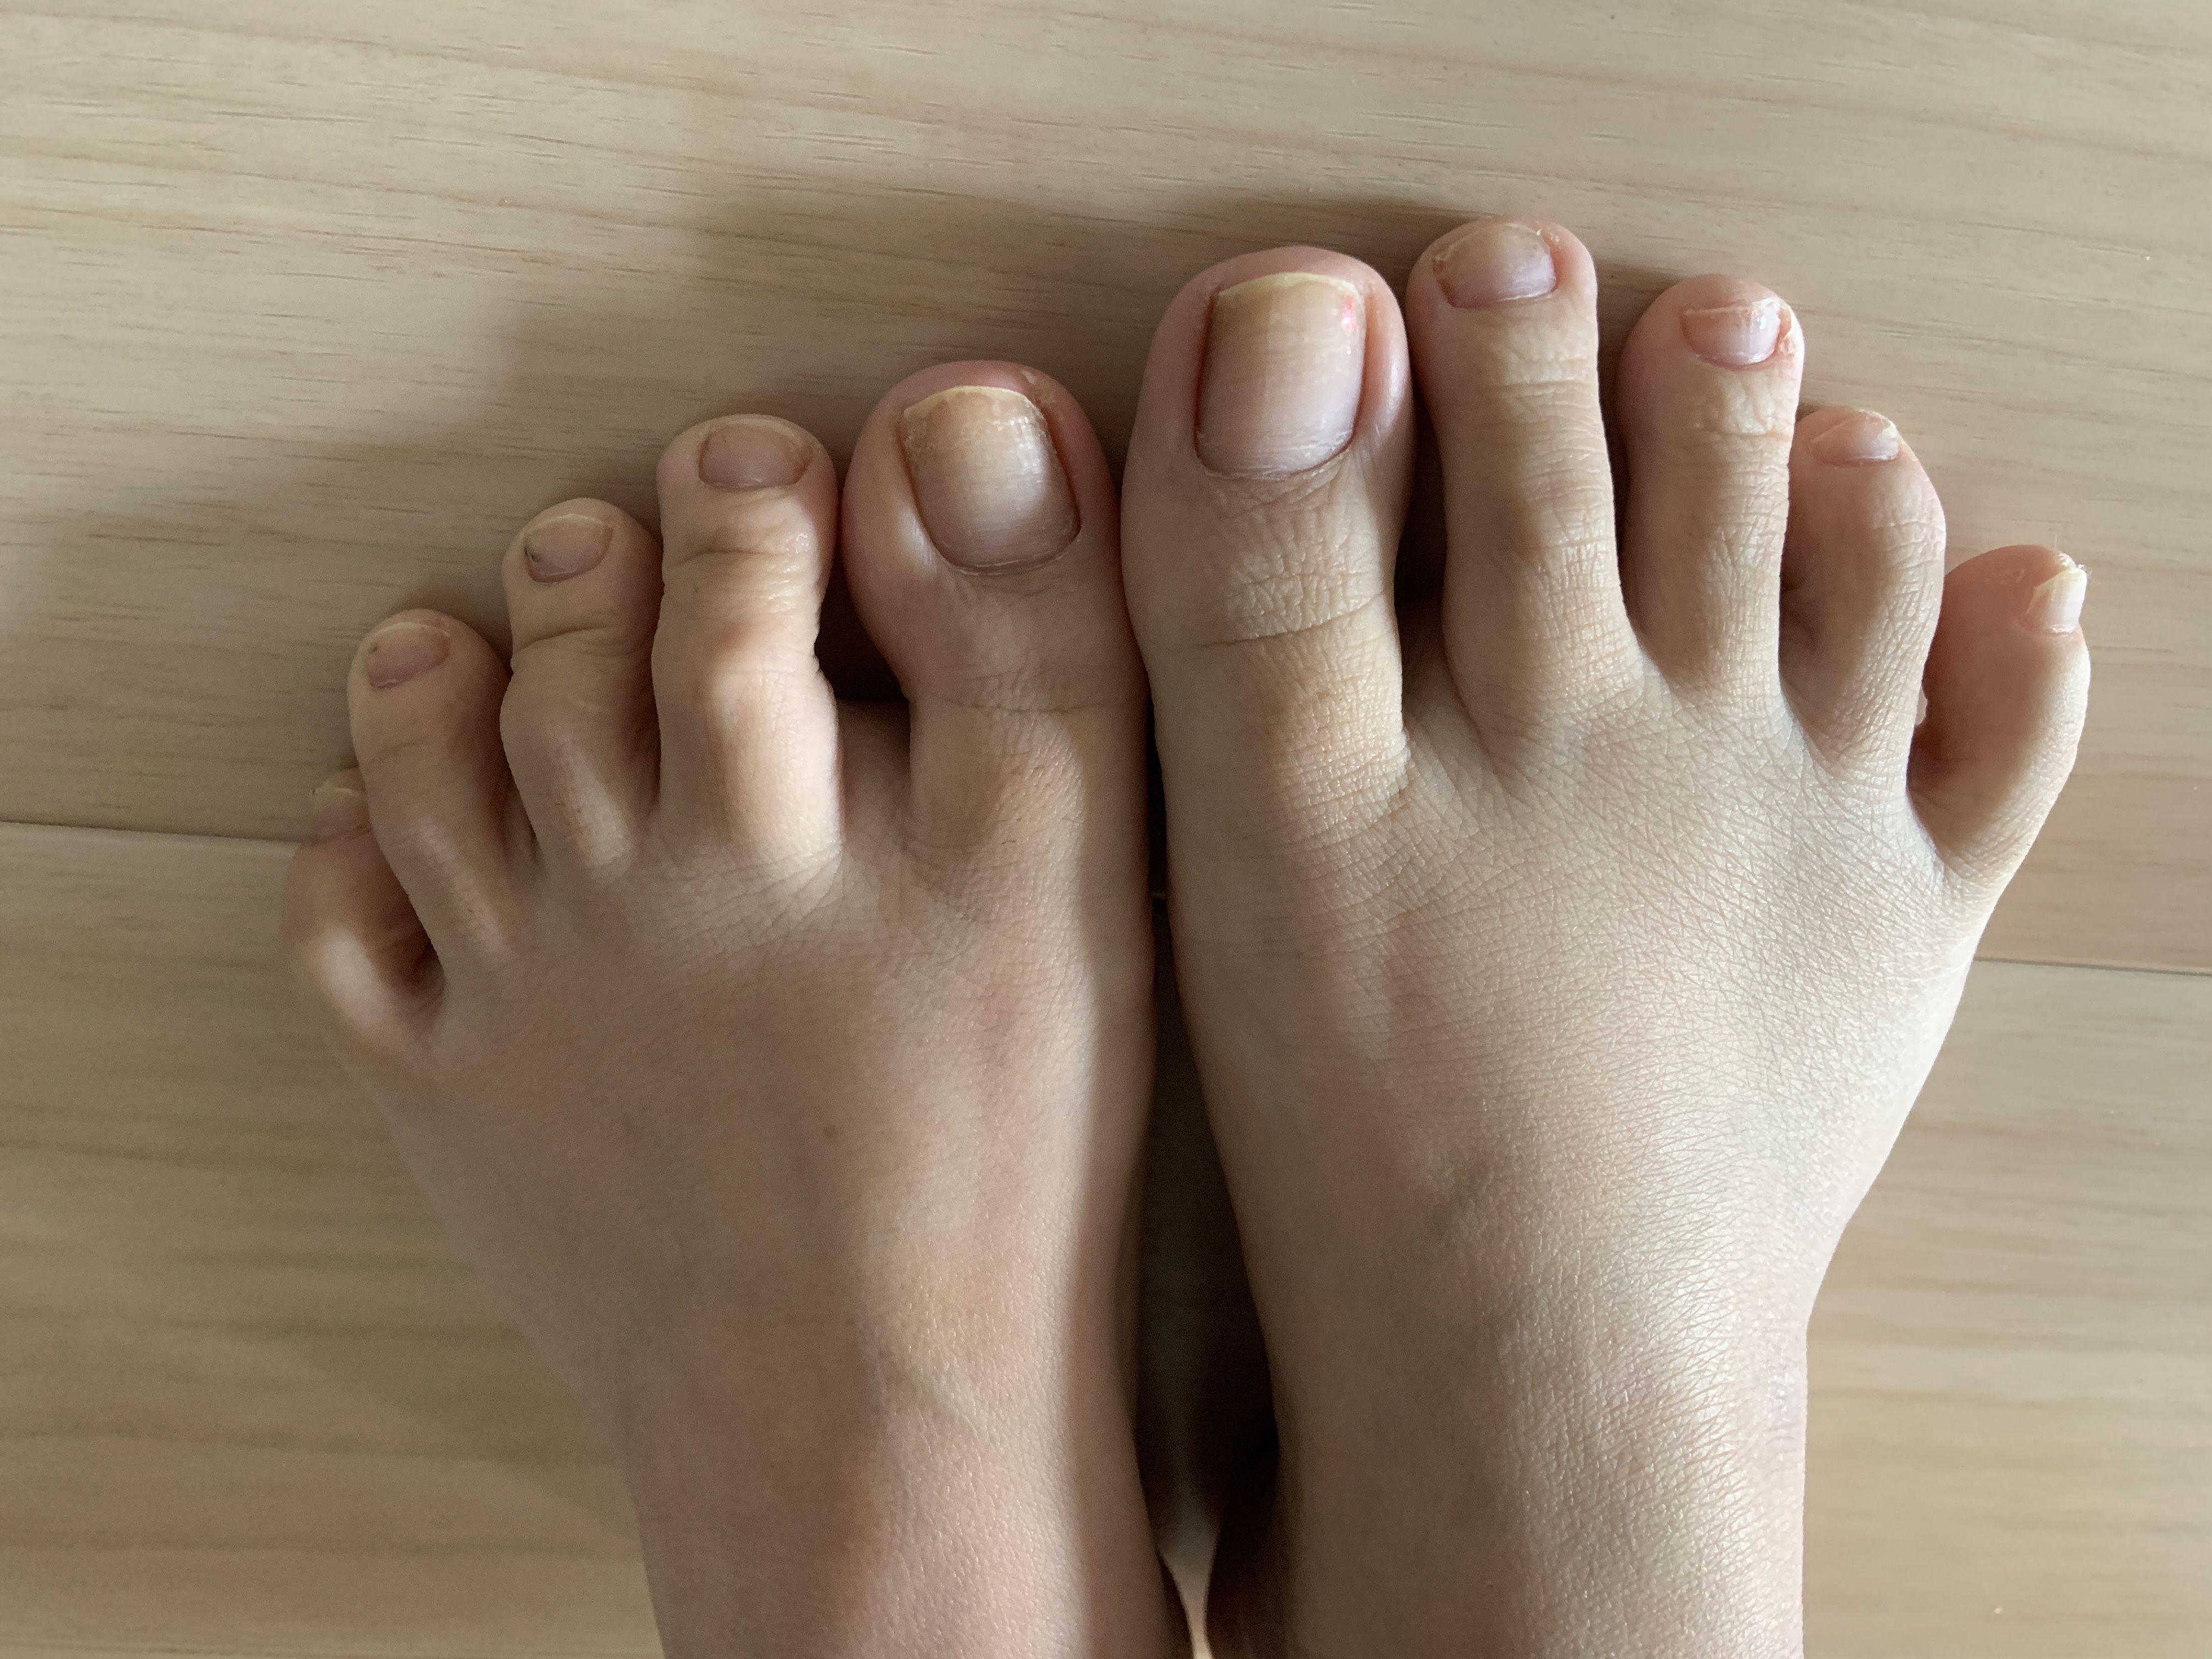 普通の女の子の足の指毛抜き-スマホ自撮り◎あんな(26歳)OL サンプル画像02